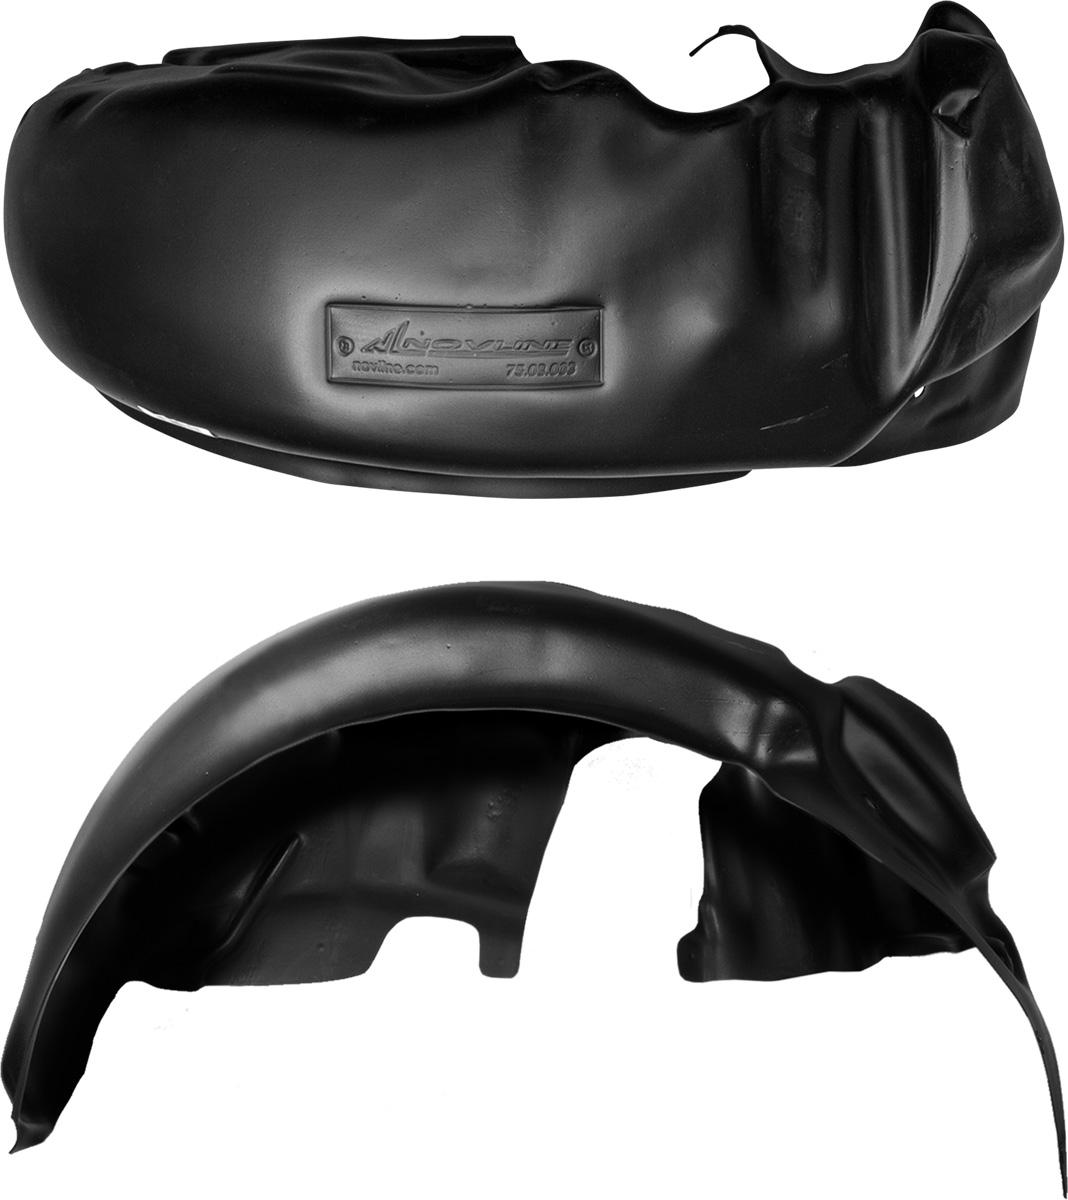 Подкрылок RENAULT Logan, 2014->, задний правыйCA-3505Колесные ниши – одни из самых уязвимых зон днища вашего автомобиля. Они постоянно подвергаются воздействию со стороны дороги. Лучшая, почти абсолютная защита для них - специально отформованные пластиковые кожухи, которые называются подкрылками, или локерами. Производятся они как для отечественных моделей автомобилей, так и для иномарок. Подкрылки выполнены из высококачественного, экологически чистого пластика. Обеспечивают надежную защиту кузова автомобиля от пескоструйного эффекта и негативного влияния, агрессивных антигололедных реагентов. Пластик обладает более низкой теплопроводностью, чем металл, поэтому в зимний период эксплуатации использование пластиковых подкрылков позволяет лучше защитить колесные ниши от налипания снега и образования наледи. Оригинальность конструкции подчеркивает элегантность автомобиля, бережно защищает нанесенное на днище кузова антикоррозийное покрытие и позволяет осуществить крепление подкрылков внутри колесной арки практически без дополнительного крепежа и сверления, не нарушая при этом лакокрасочного покрытия, что предотвращает возникновение новых очагов коррозии. Технология крепления подкрылков на иномарки принципиально отличается от крепления на российские автомобили и разрабатывается индивидуально для каждой модели автомобиля. Подкрылки долговечны, обладают высокой прочностью и сохраняют заданную форму, а также все свои физико-механические характеристики в самых тяжелых климатических условиях ( от -50° С до + 50° С).